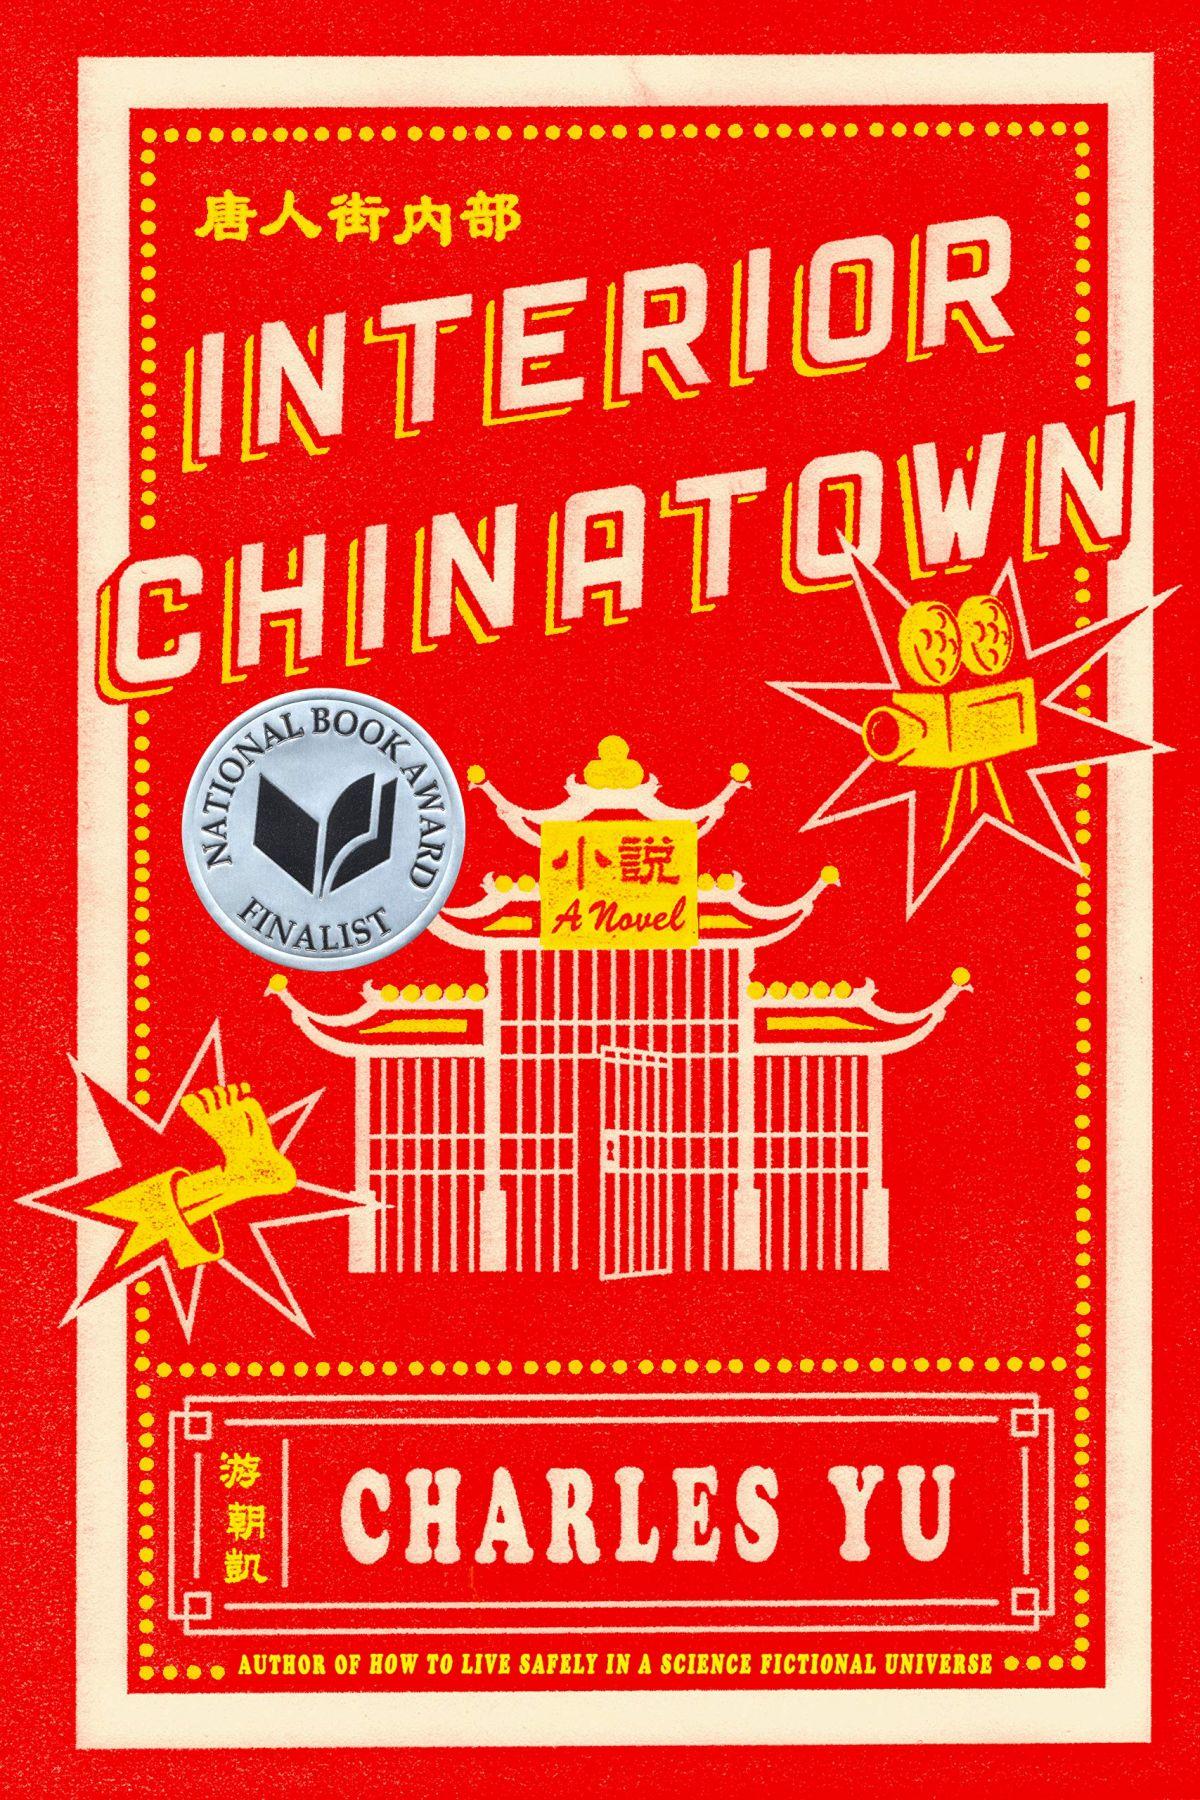 Yu charles interior chinatown